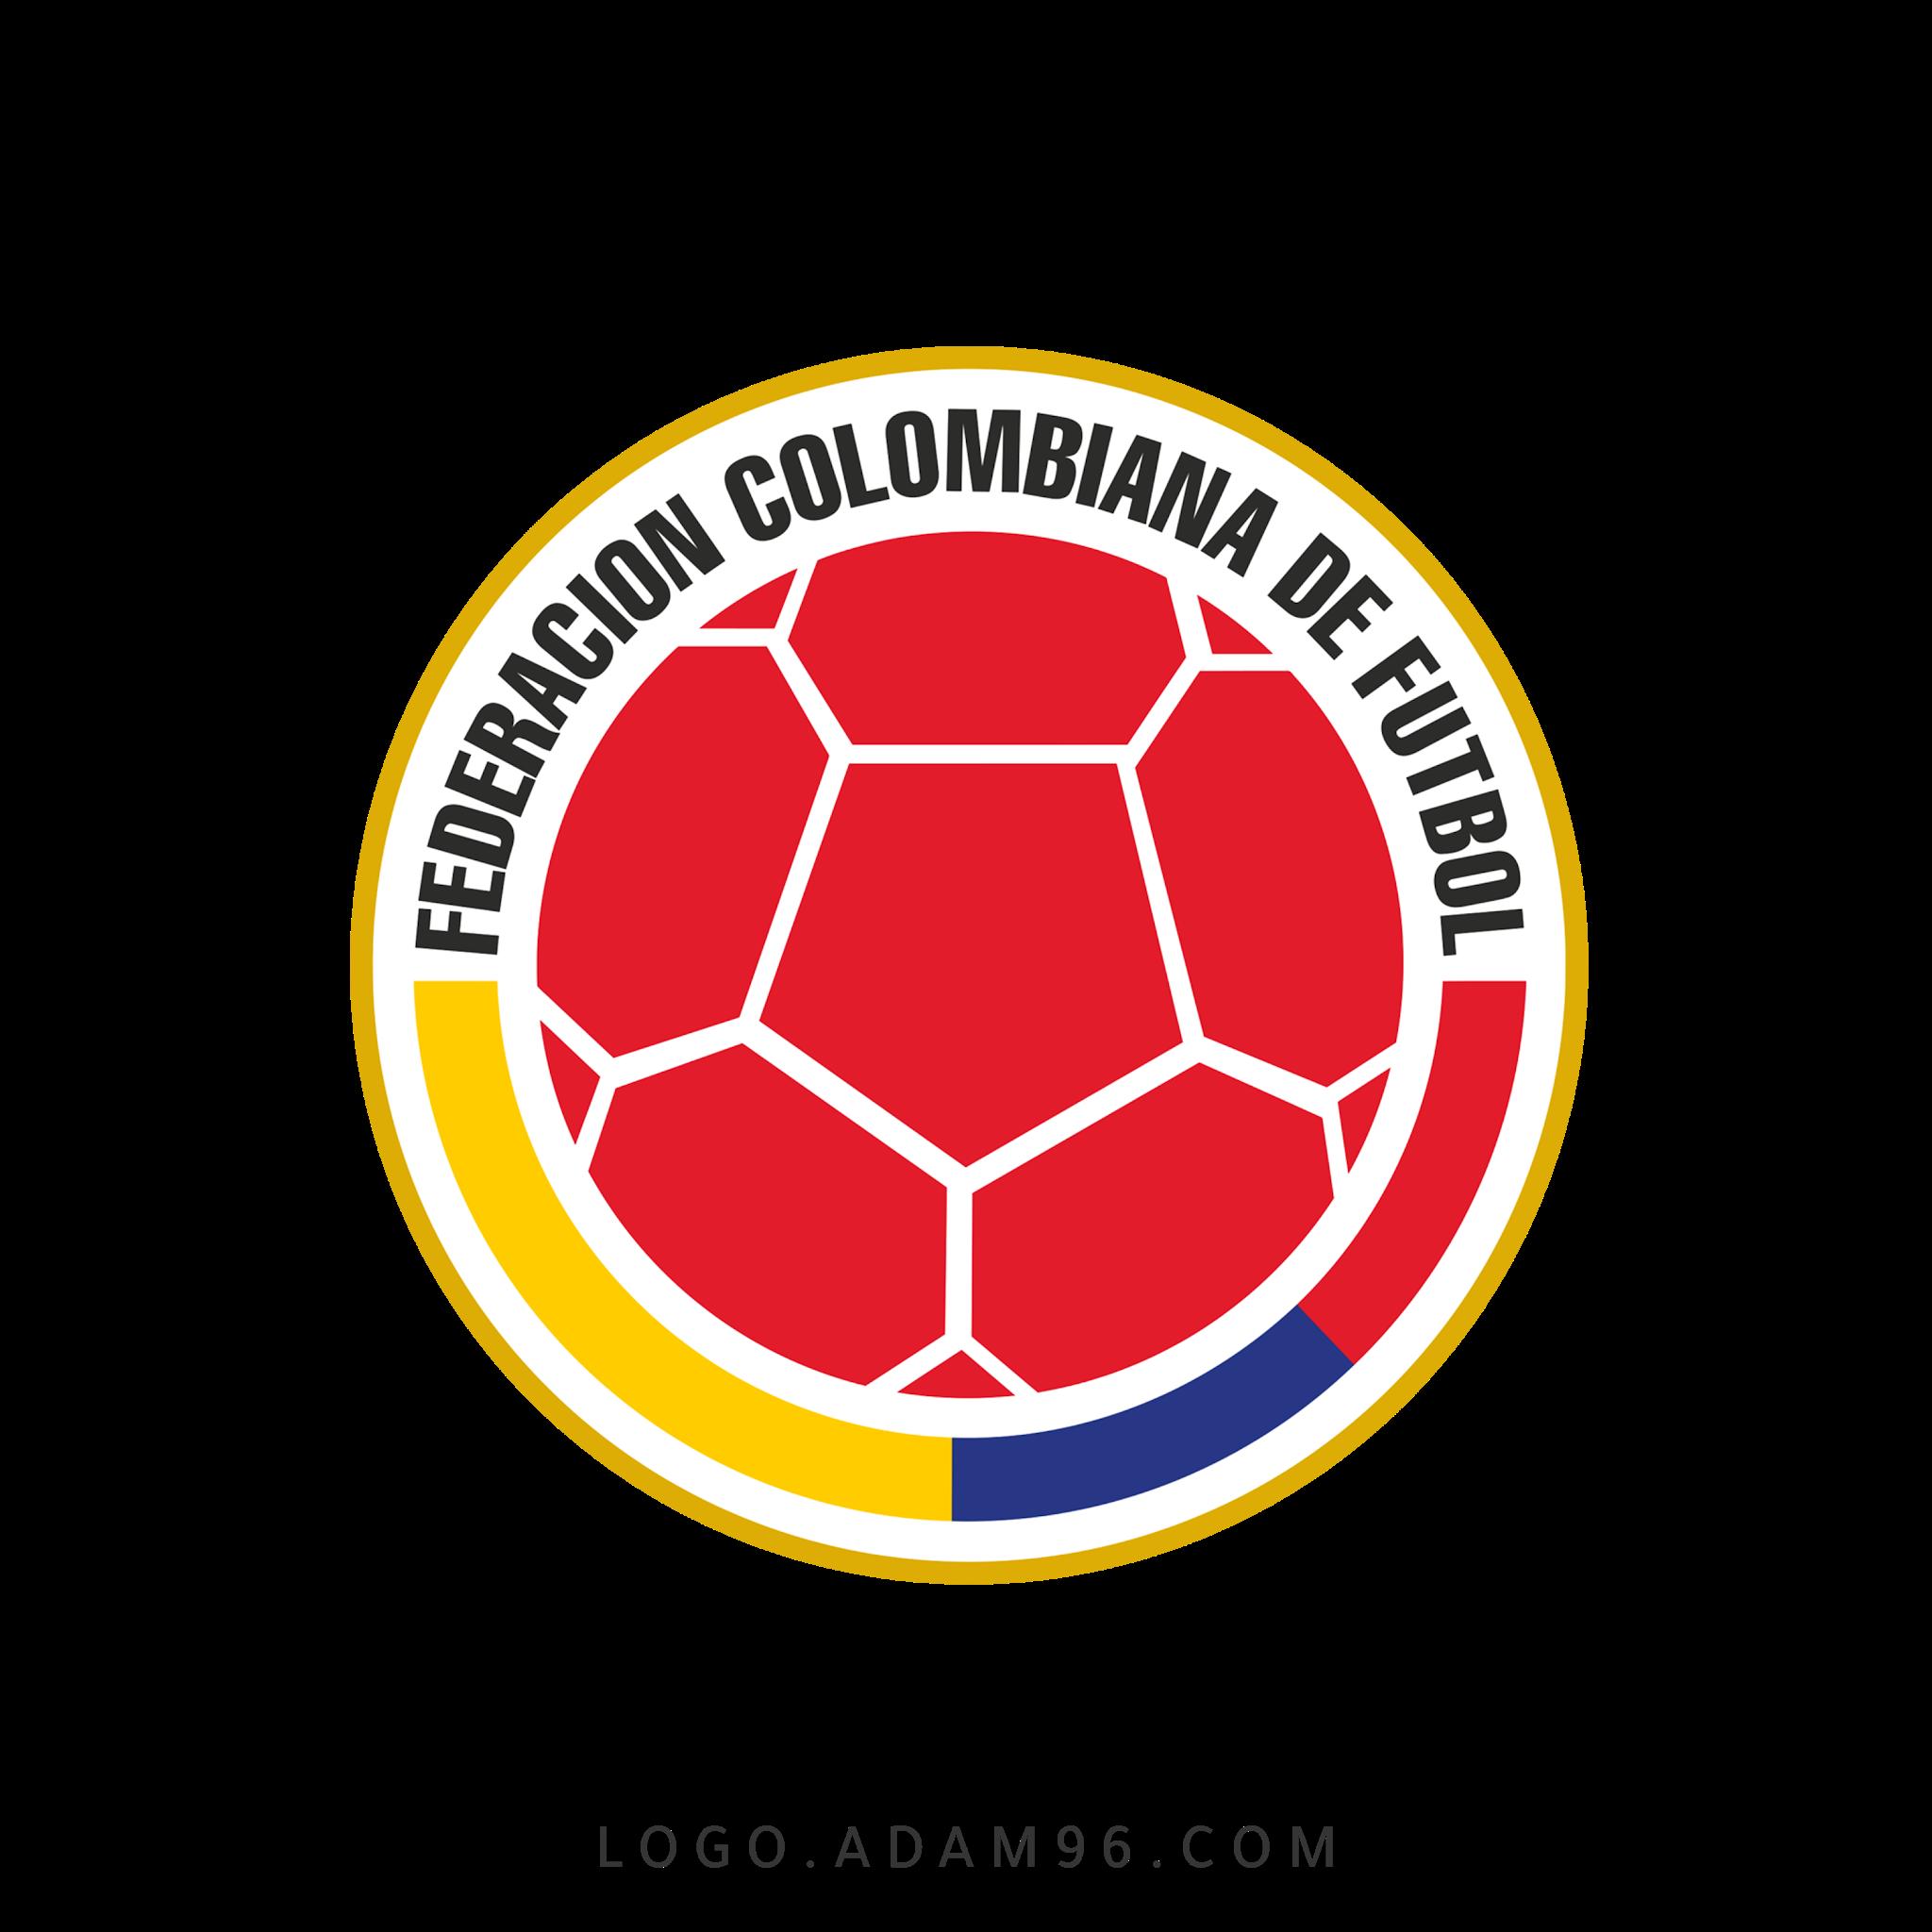 تحميل شعار منتخب كولومبيا لكرة القدم لوجو رسمي عالي الدقة بصيغة شفافة PNG